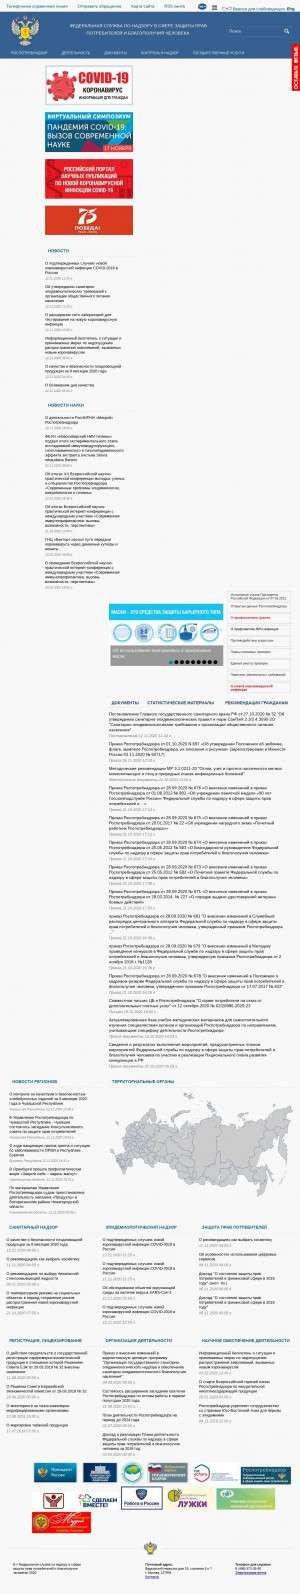 Предпросмотр для rospotrebnadzor.ru — Центр Гигиены и Эпидемиологии в Челябинской области в г. Южноуральск г. Пласт Увельском Районе